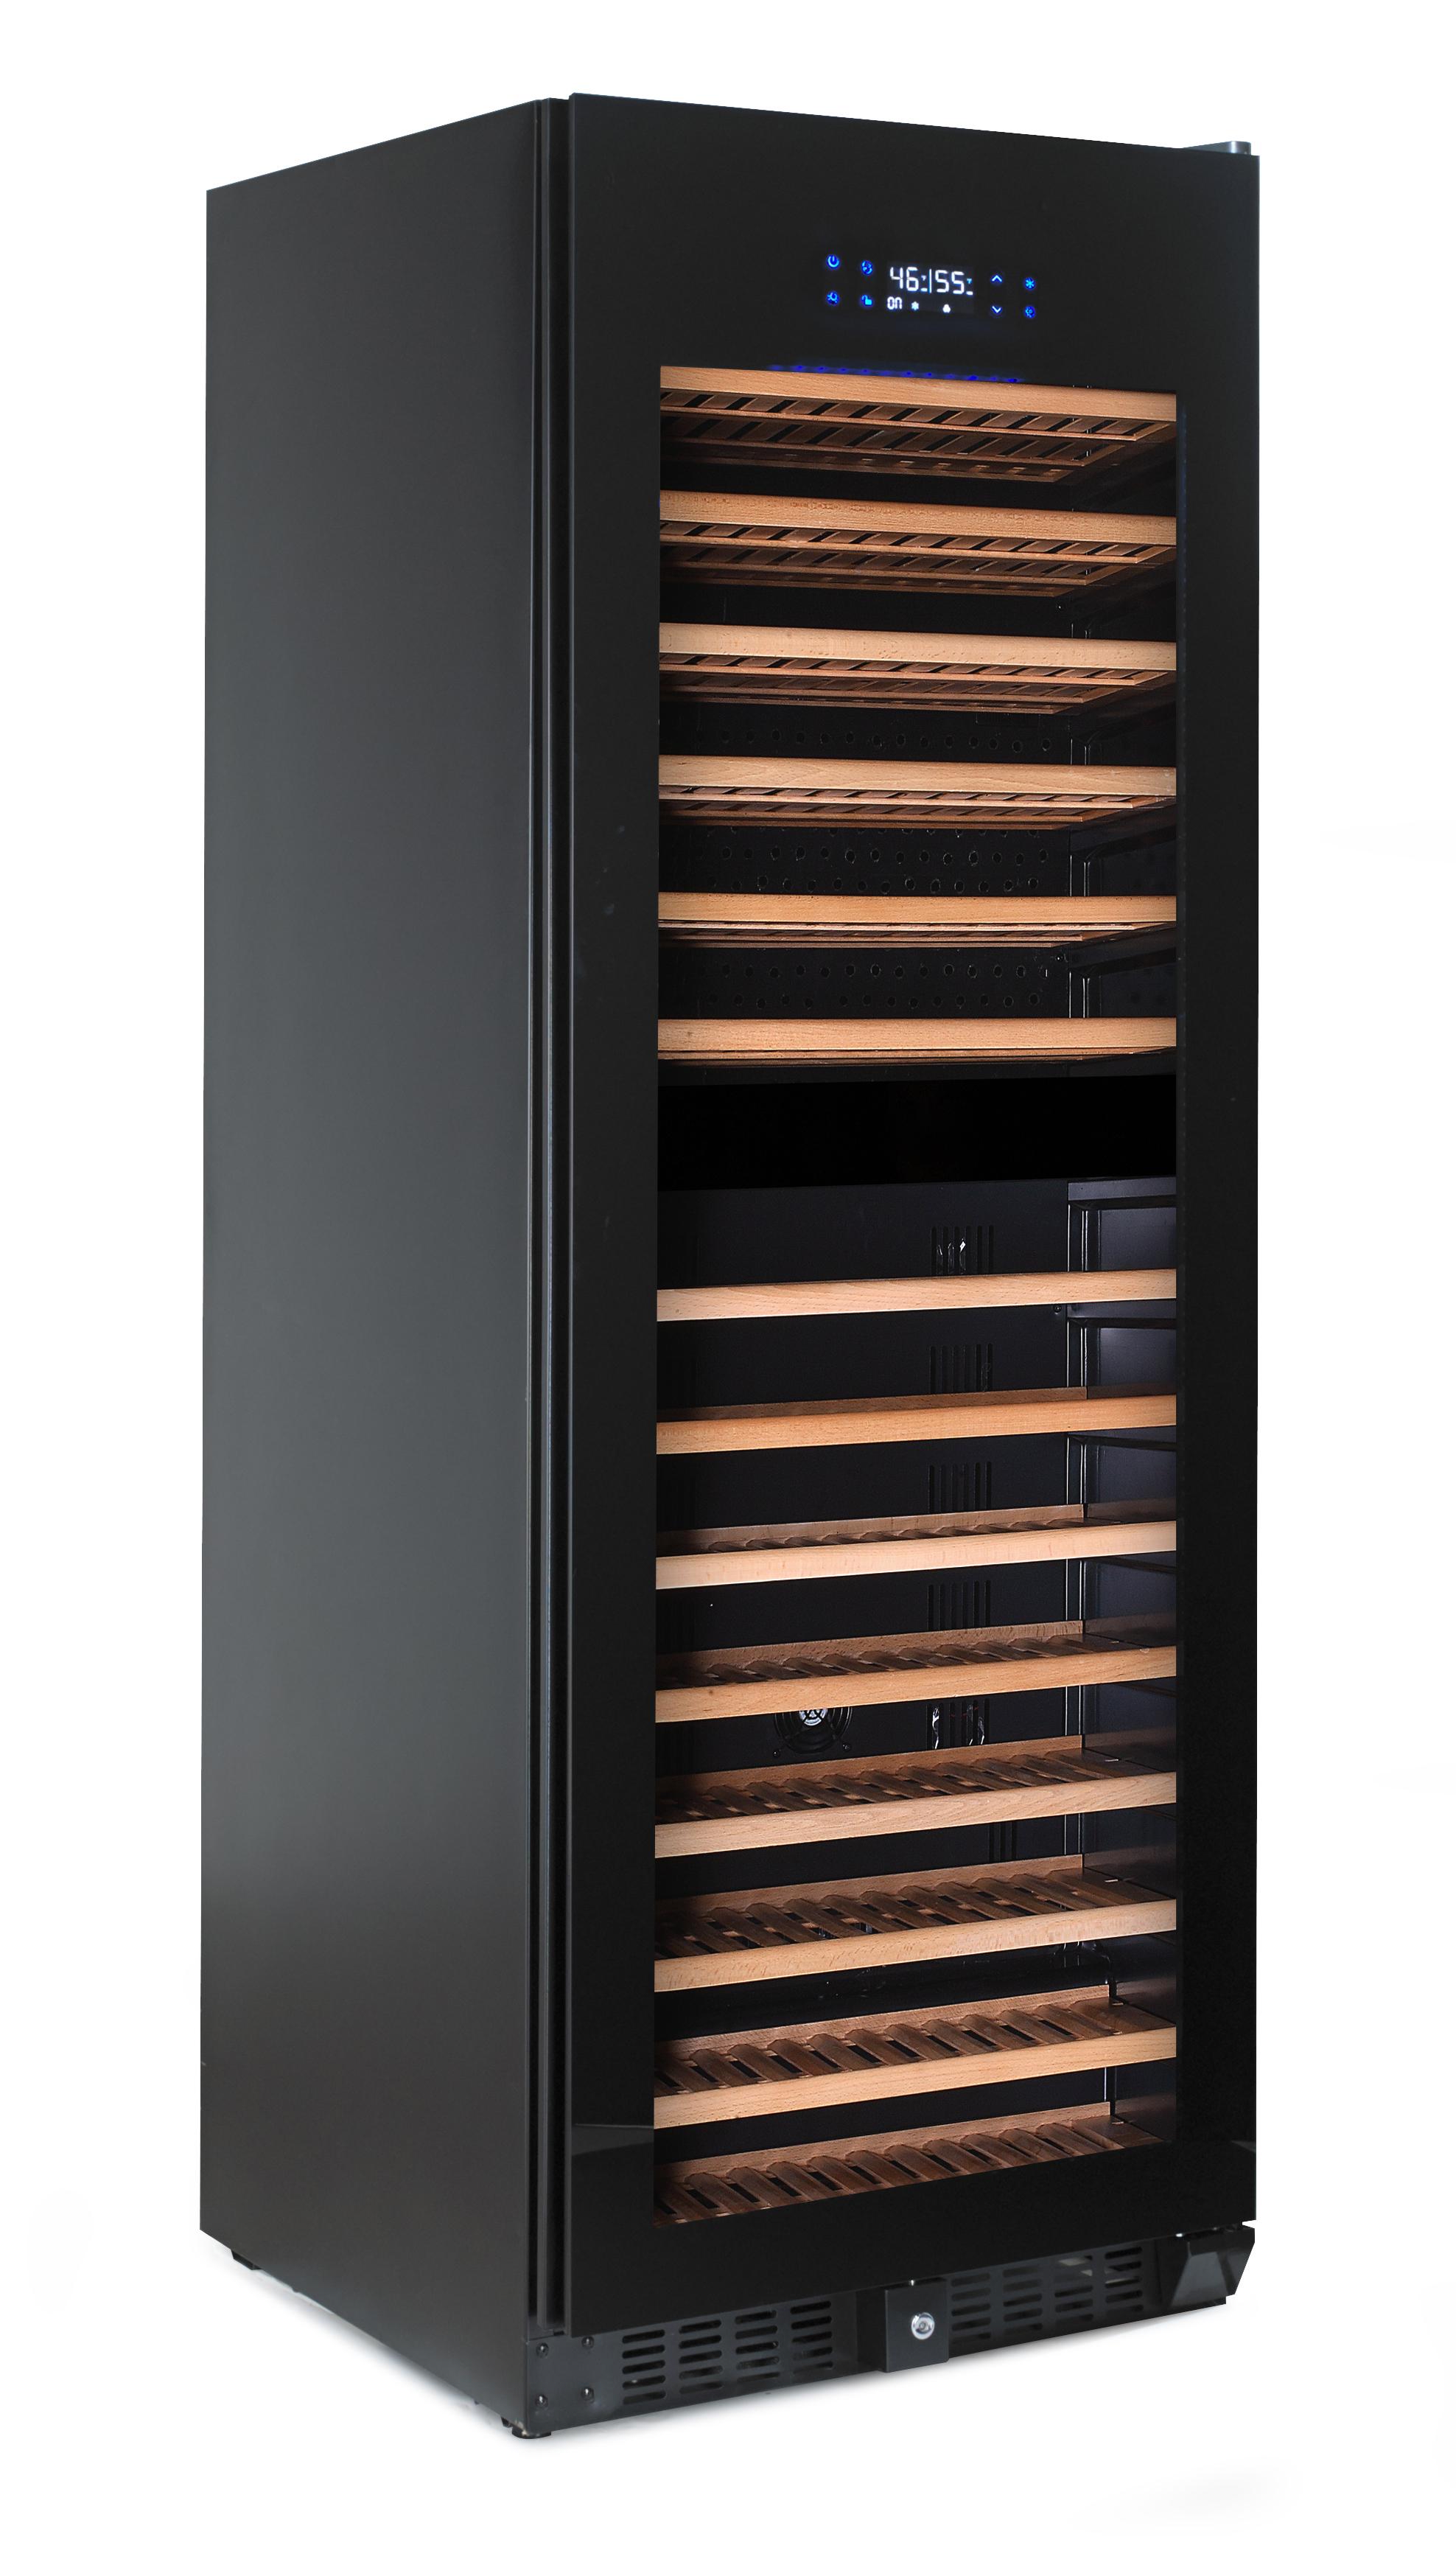 snomaster-vt-181pro-wine-chiller-watts-190-holds-181-bottles-